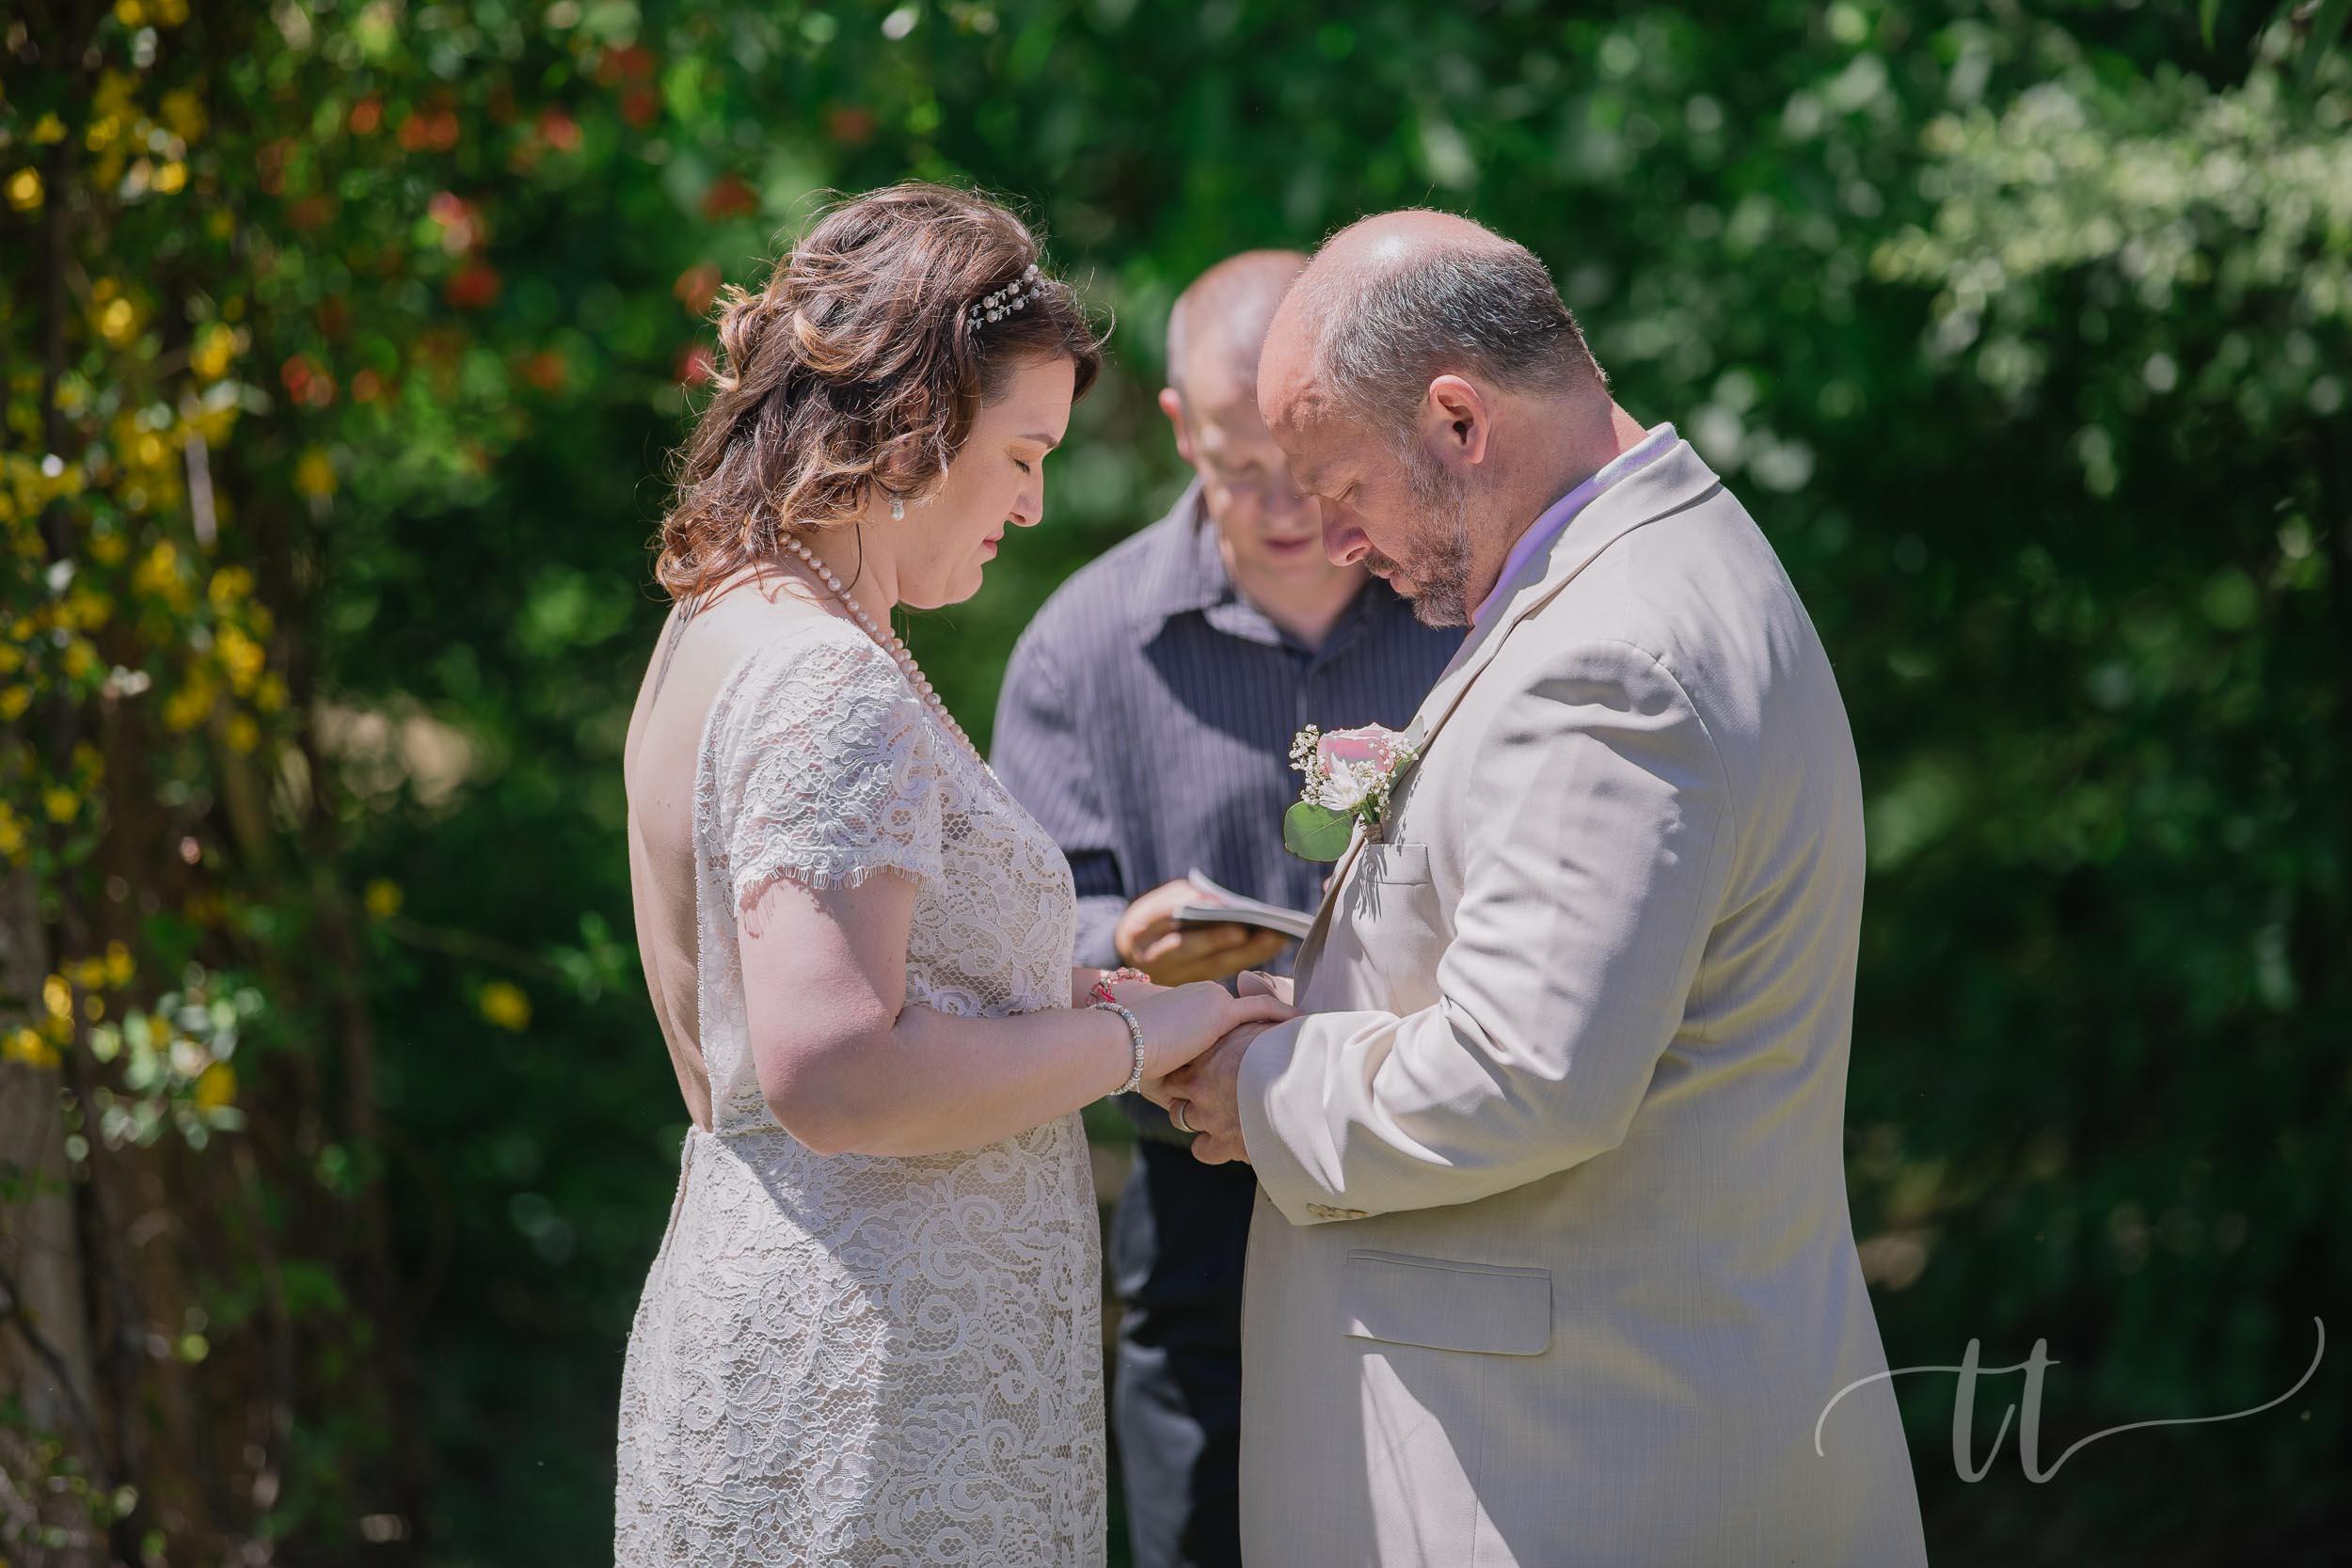 pleasant-garden-wedding-9.jpg